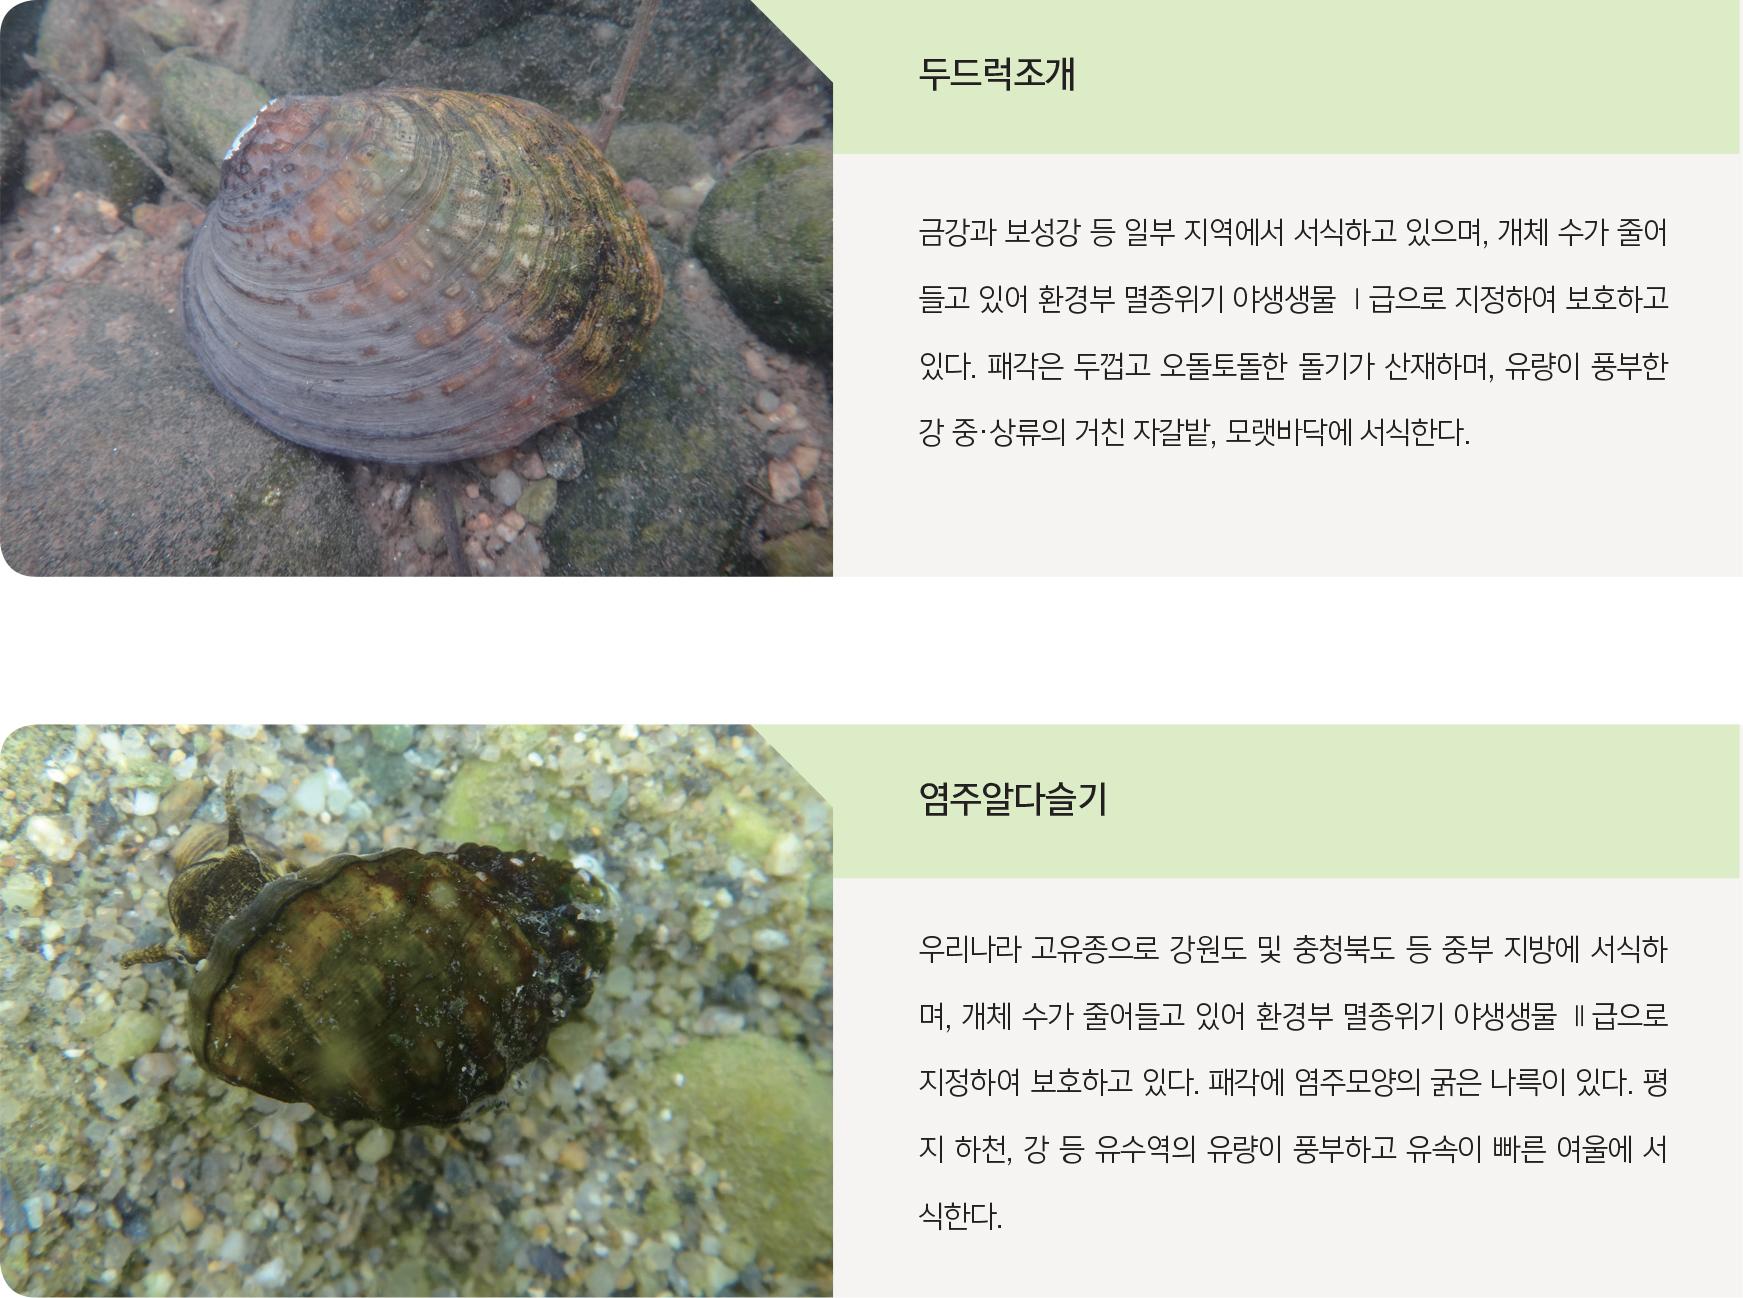 멸종위기 저서성 대형무척추동물